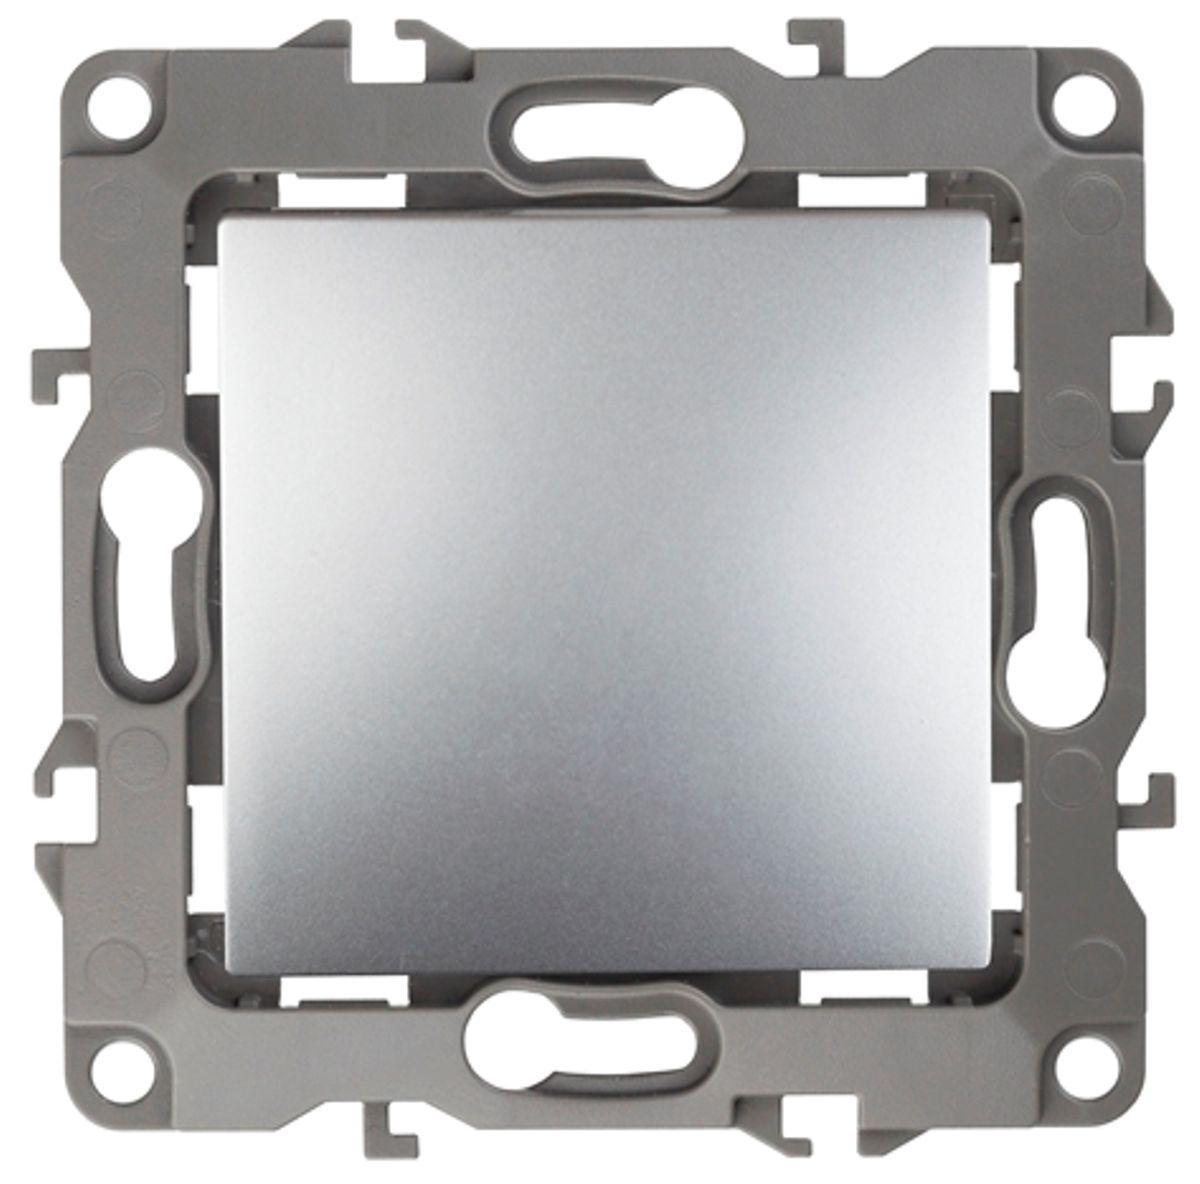 Переключатель ЭРА, цвет: серый. 12-110312-1103-03Переключатель ЭРА выполнен из прочного пластика, контакты бронзовые. Используется в осветительной технике в том случае, если необходимо включать одну люстру (другой светильник) с нескольких мест (например: из кухни, коридора, гостиной при больших проходных комнатах). Изделие просто в установке, надежно в эксплуатации. Переключатель имеет специальные фиксаторы, которые не дают ему смещаться как при монтаже, так и в процессе эксплуатации. Автоматические зажимы кабеля обеспечивают быстрый и надежный монтаж изделия к электросети без отвертки и не требуют обслуживания в отличие от винтовых зажимов.